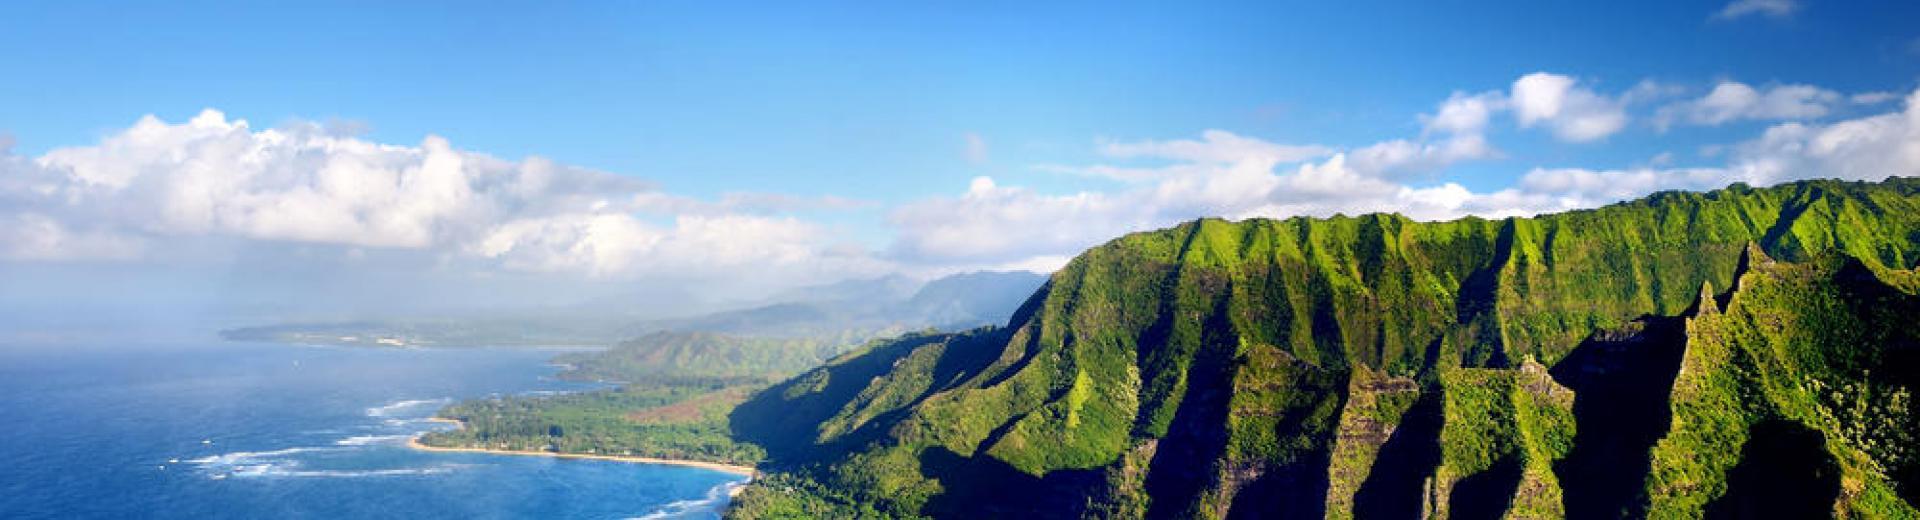 Hawaii kauai